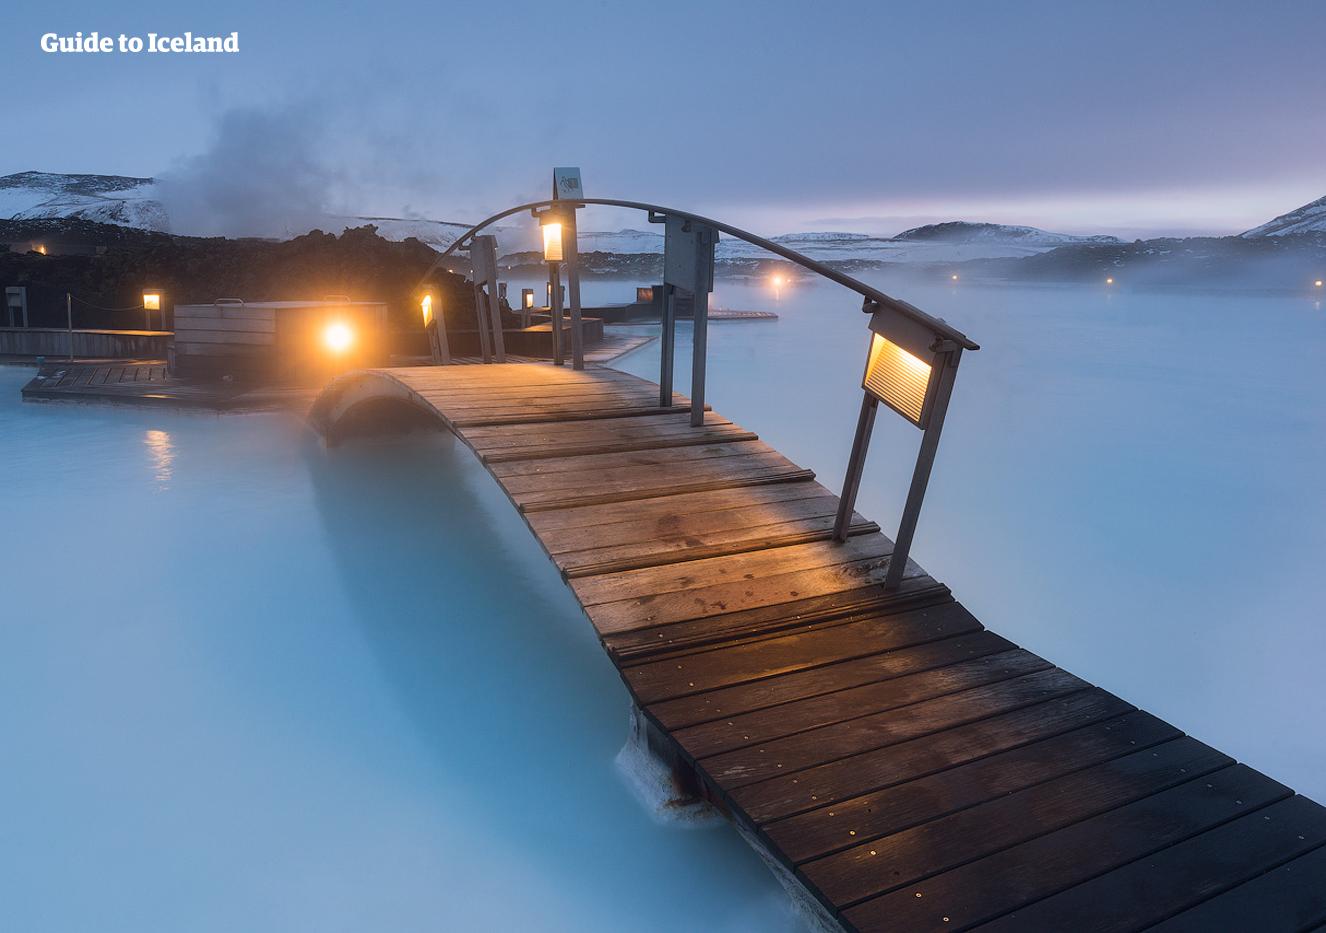 Att koppla av i det varma geotermiska vattnet i Blå lagunen, omgiven av kolsvart lava täckt av snö, är en upplevelse du inte kommer att glömma i första taget